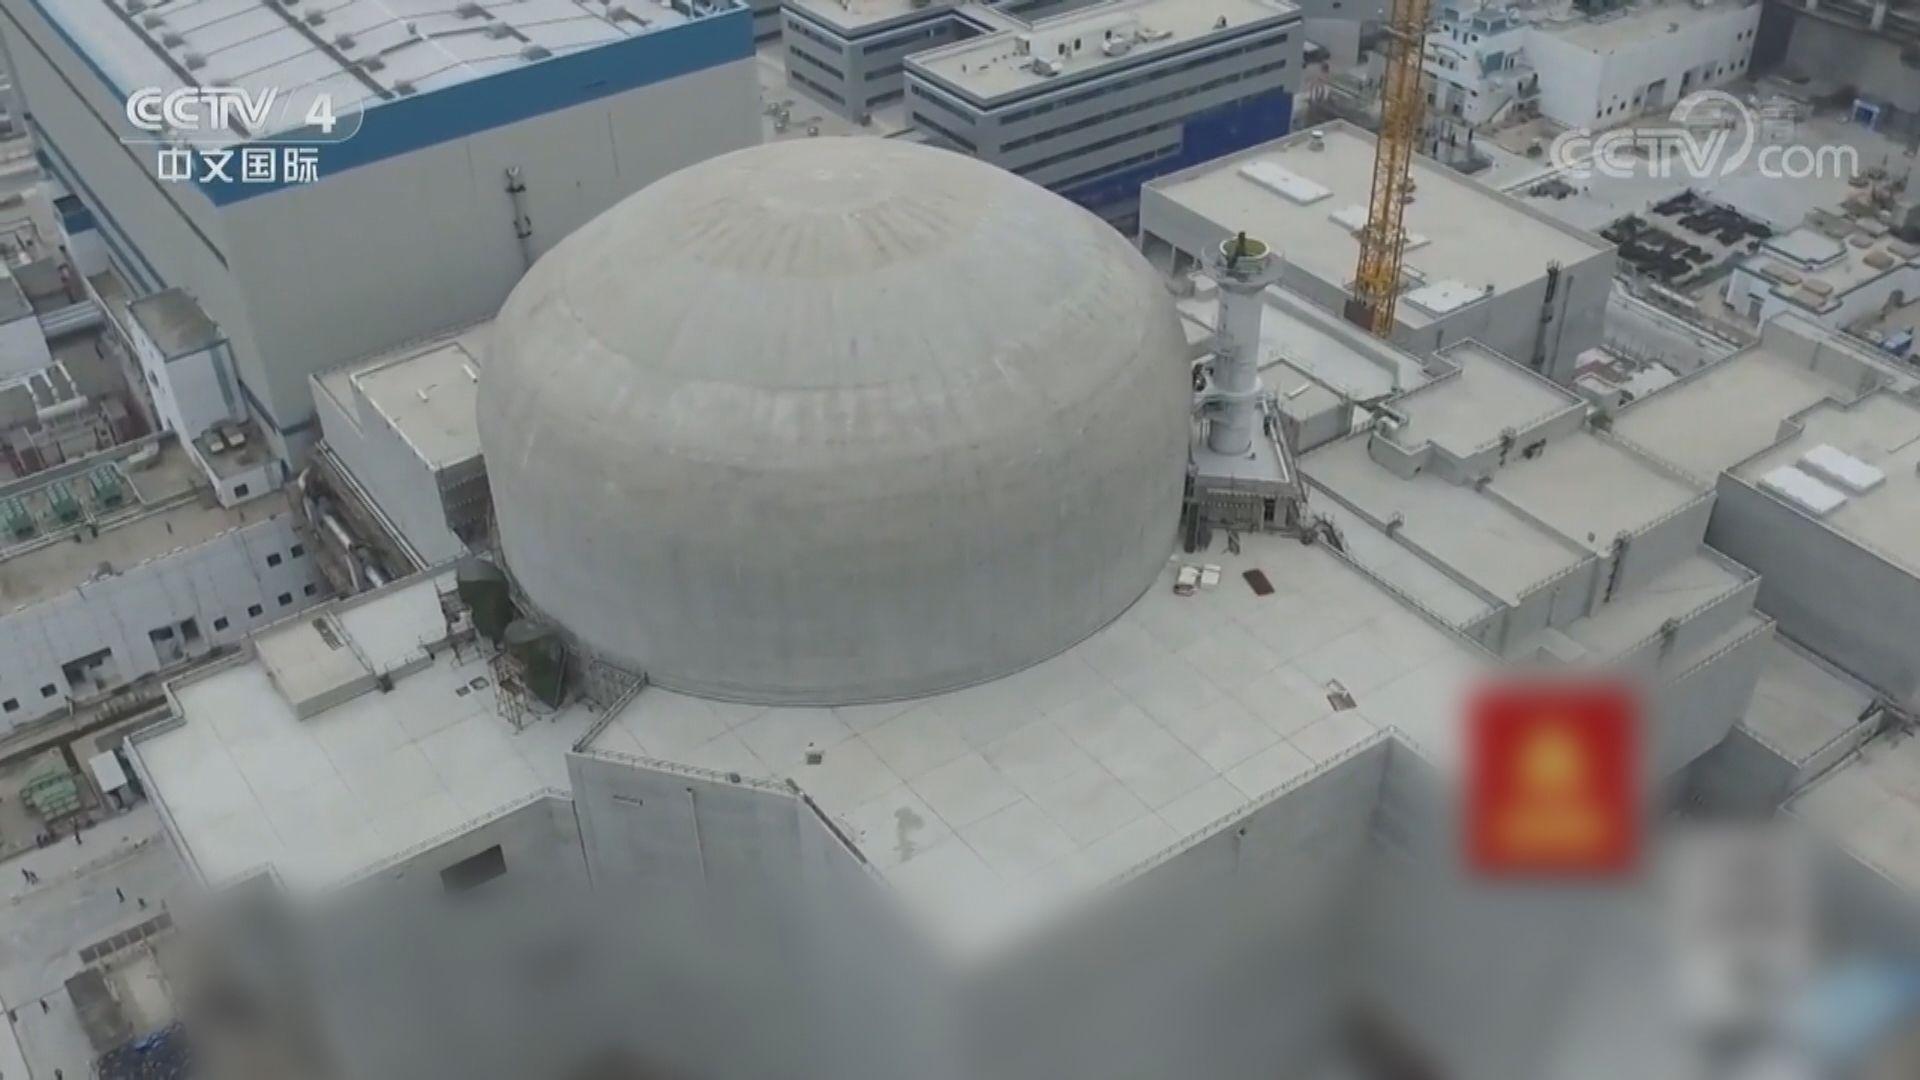 香港核學會:台山核電店站燃料棒或勞損 料事件仍可控